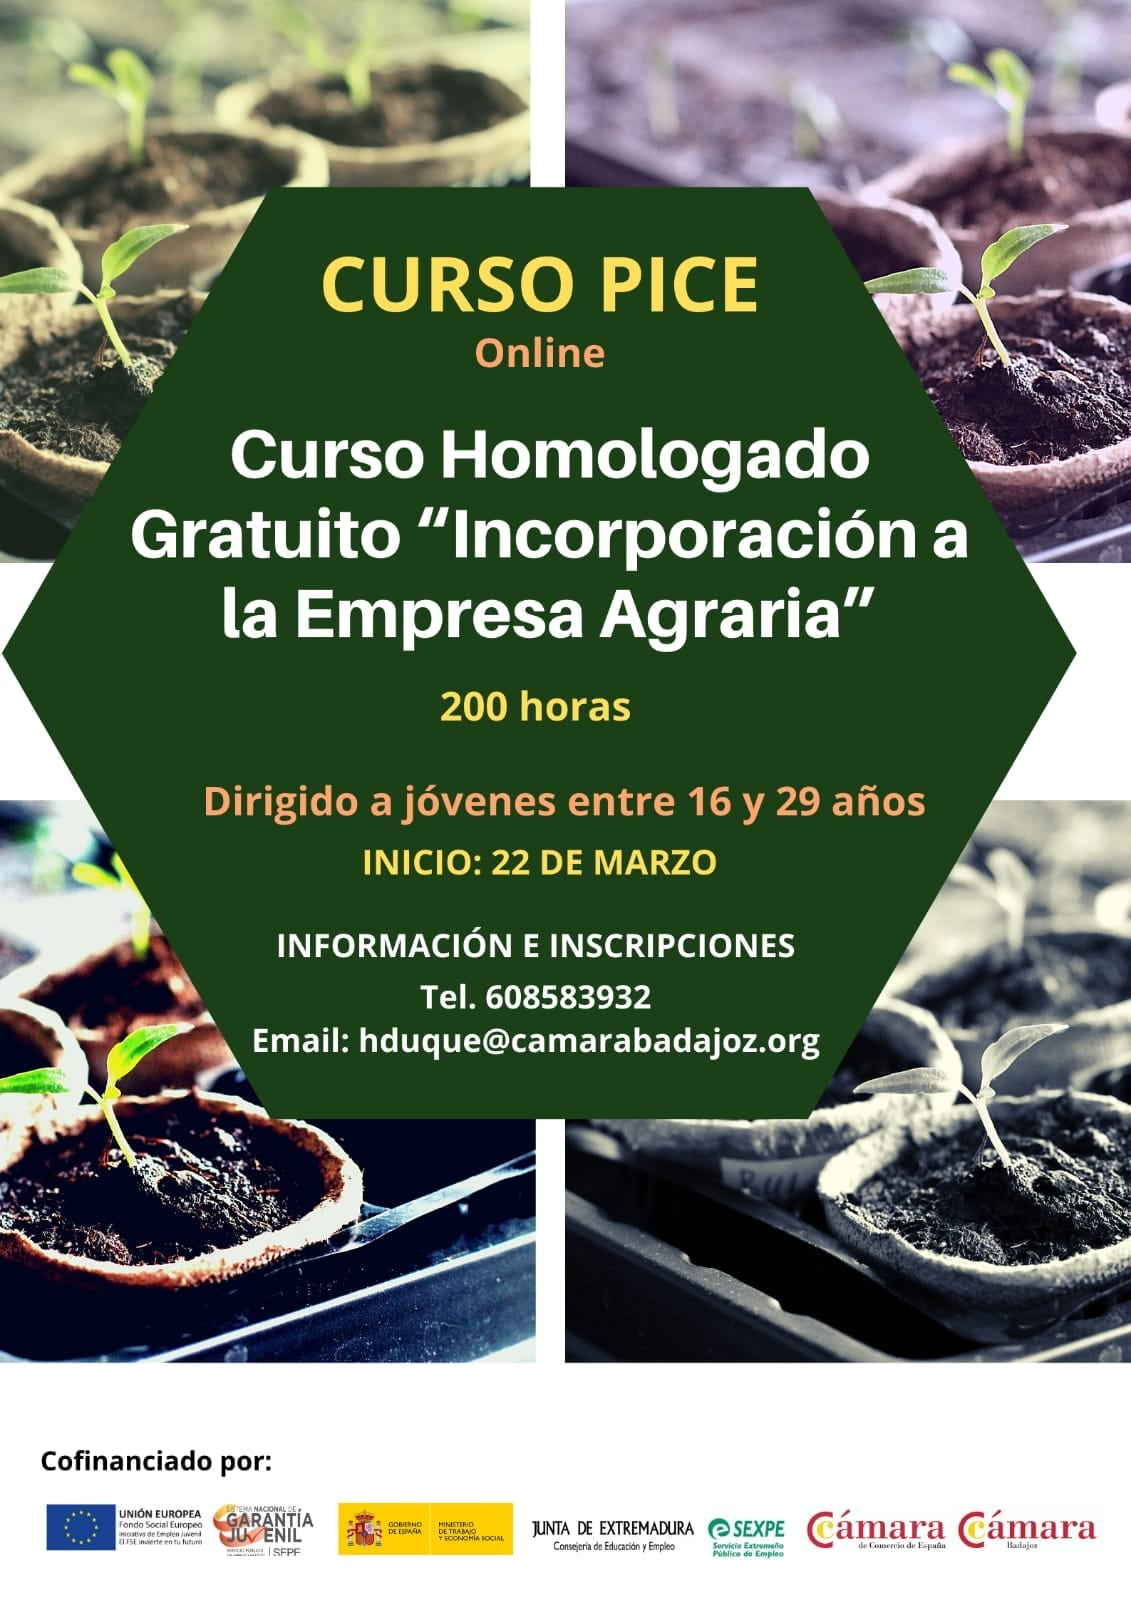 CURSO HOMOLOGADO Y GRATUITO DE 'INCORPORACIÓN A LA EMPRESA AGRARIA'